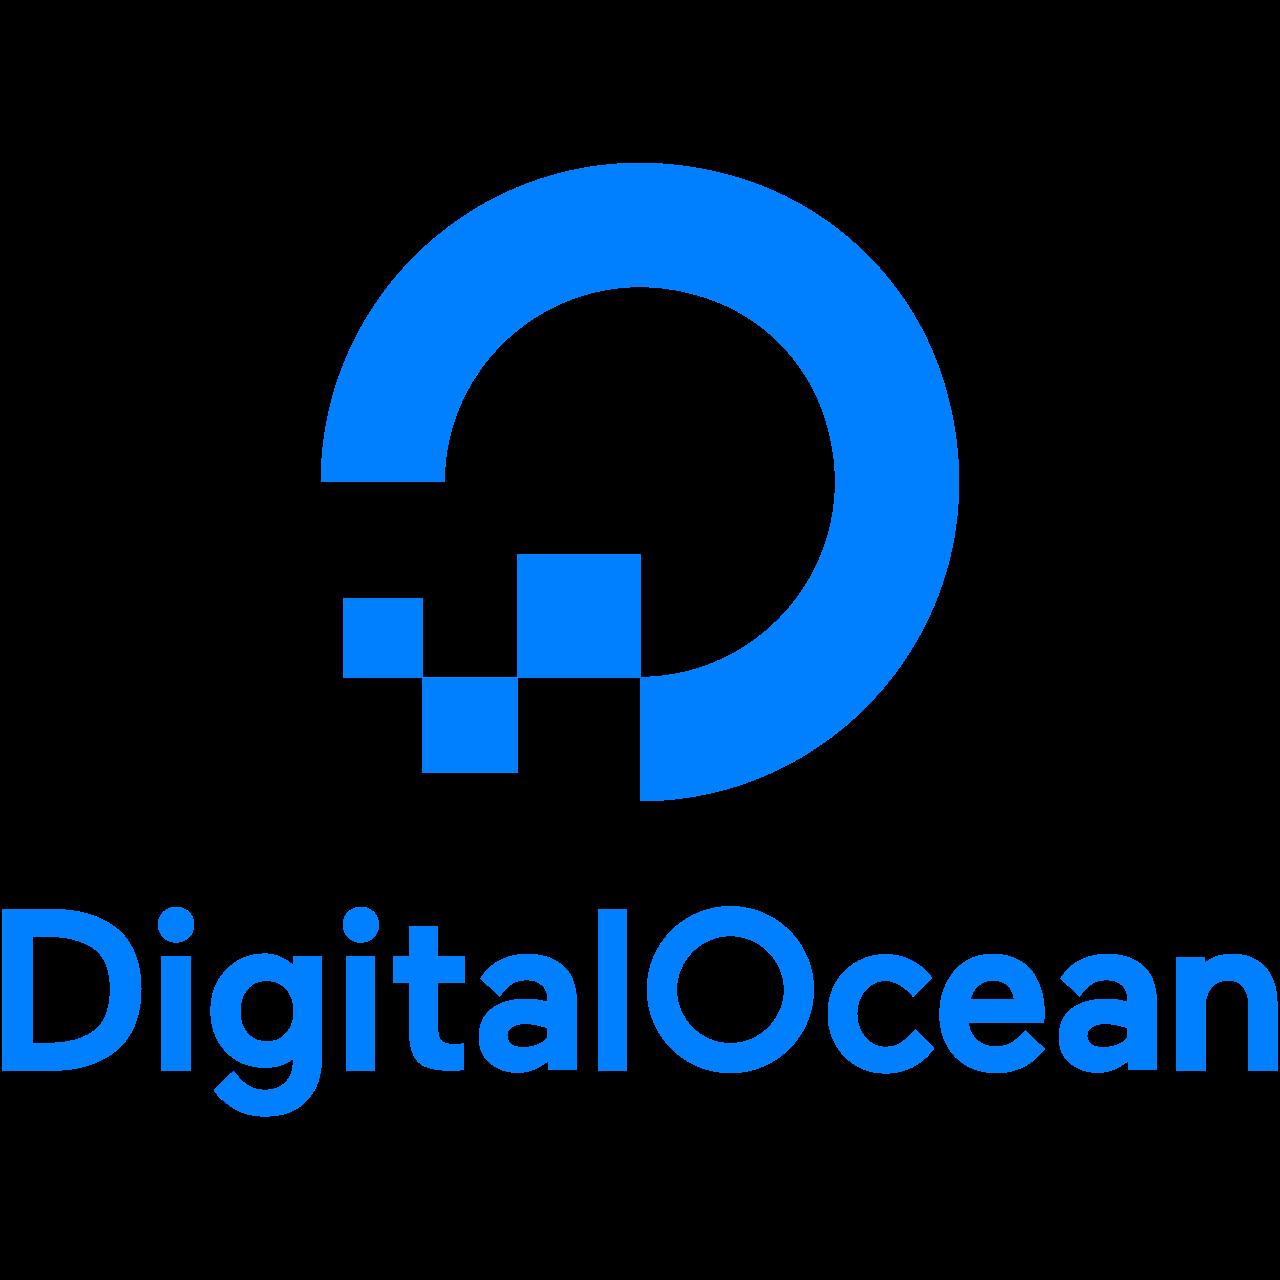 digitalocean how to make csgo server